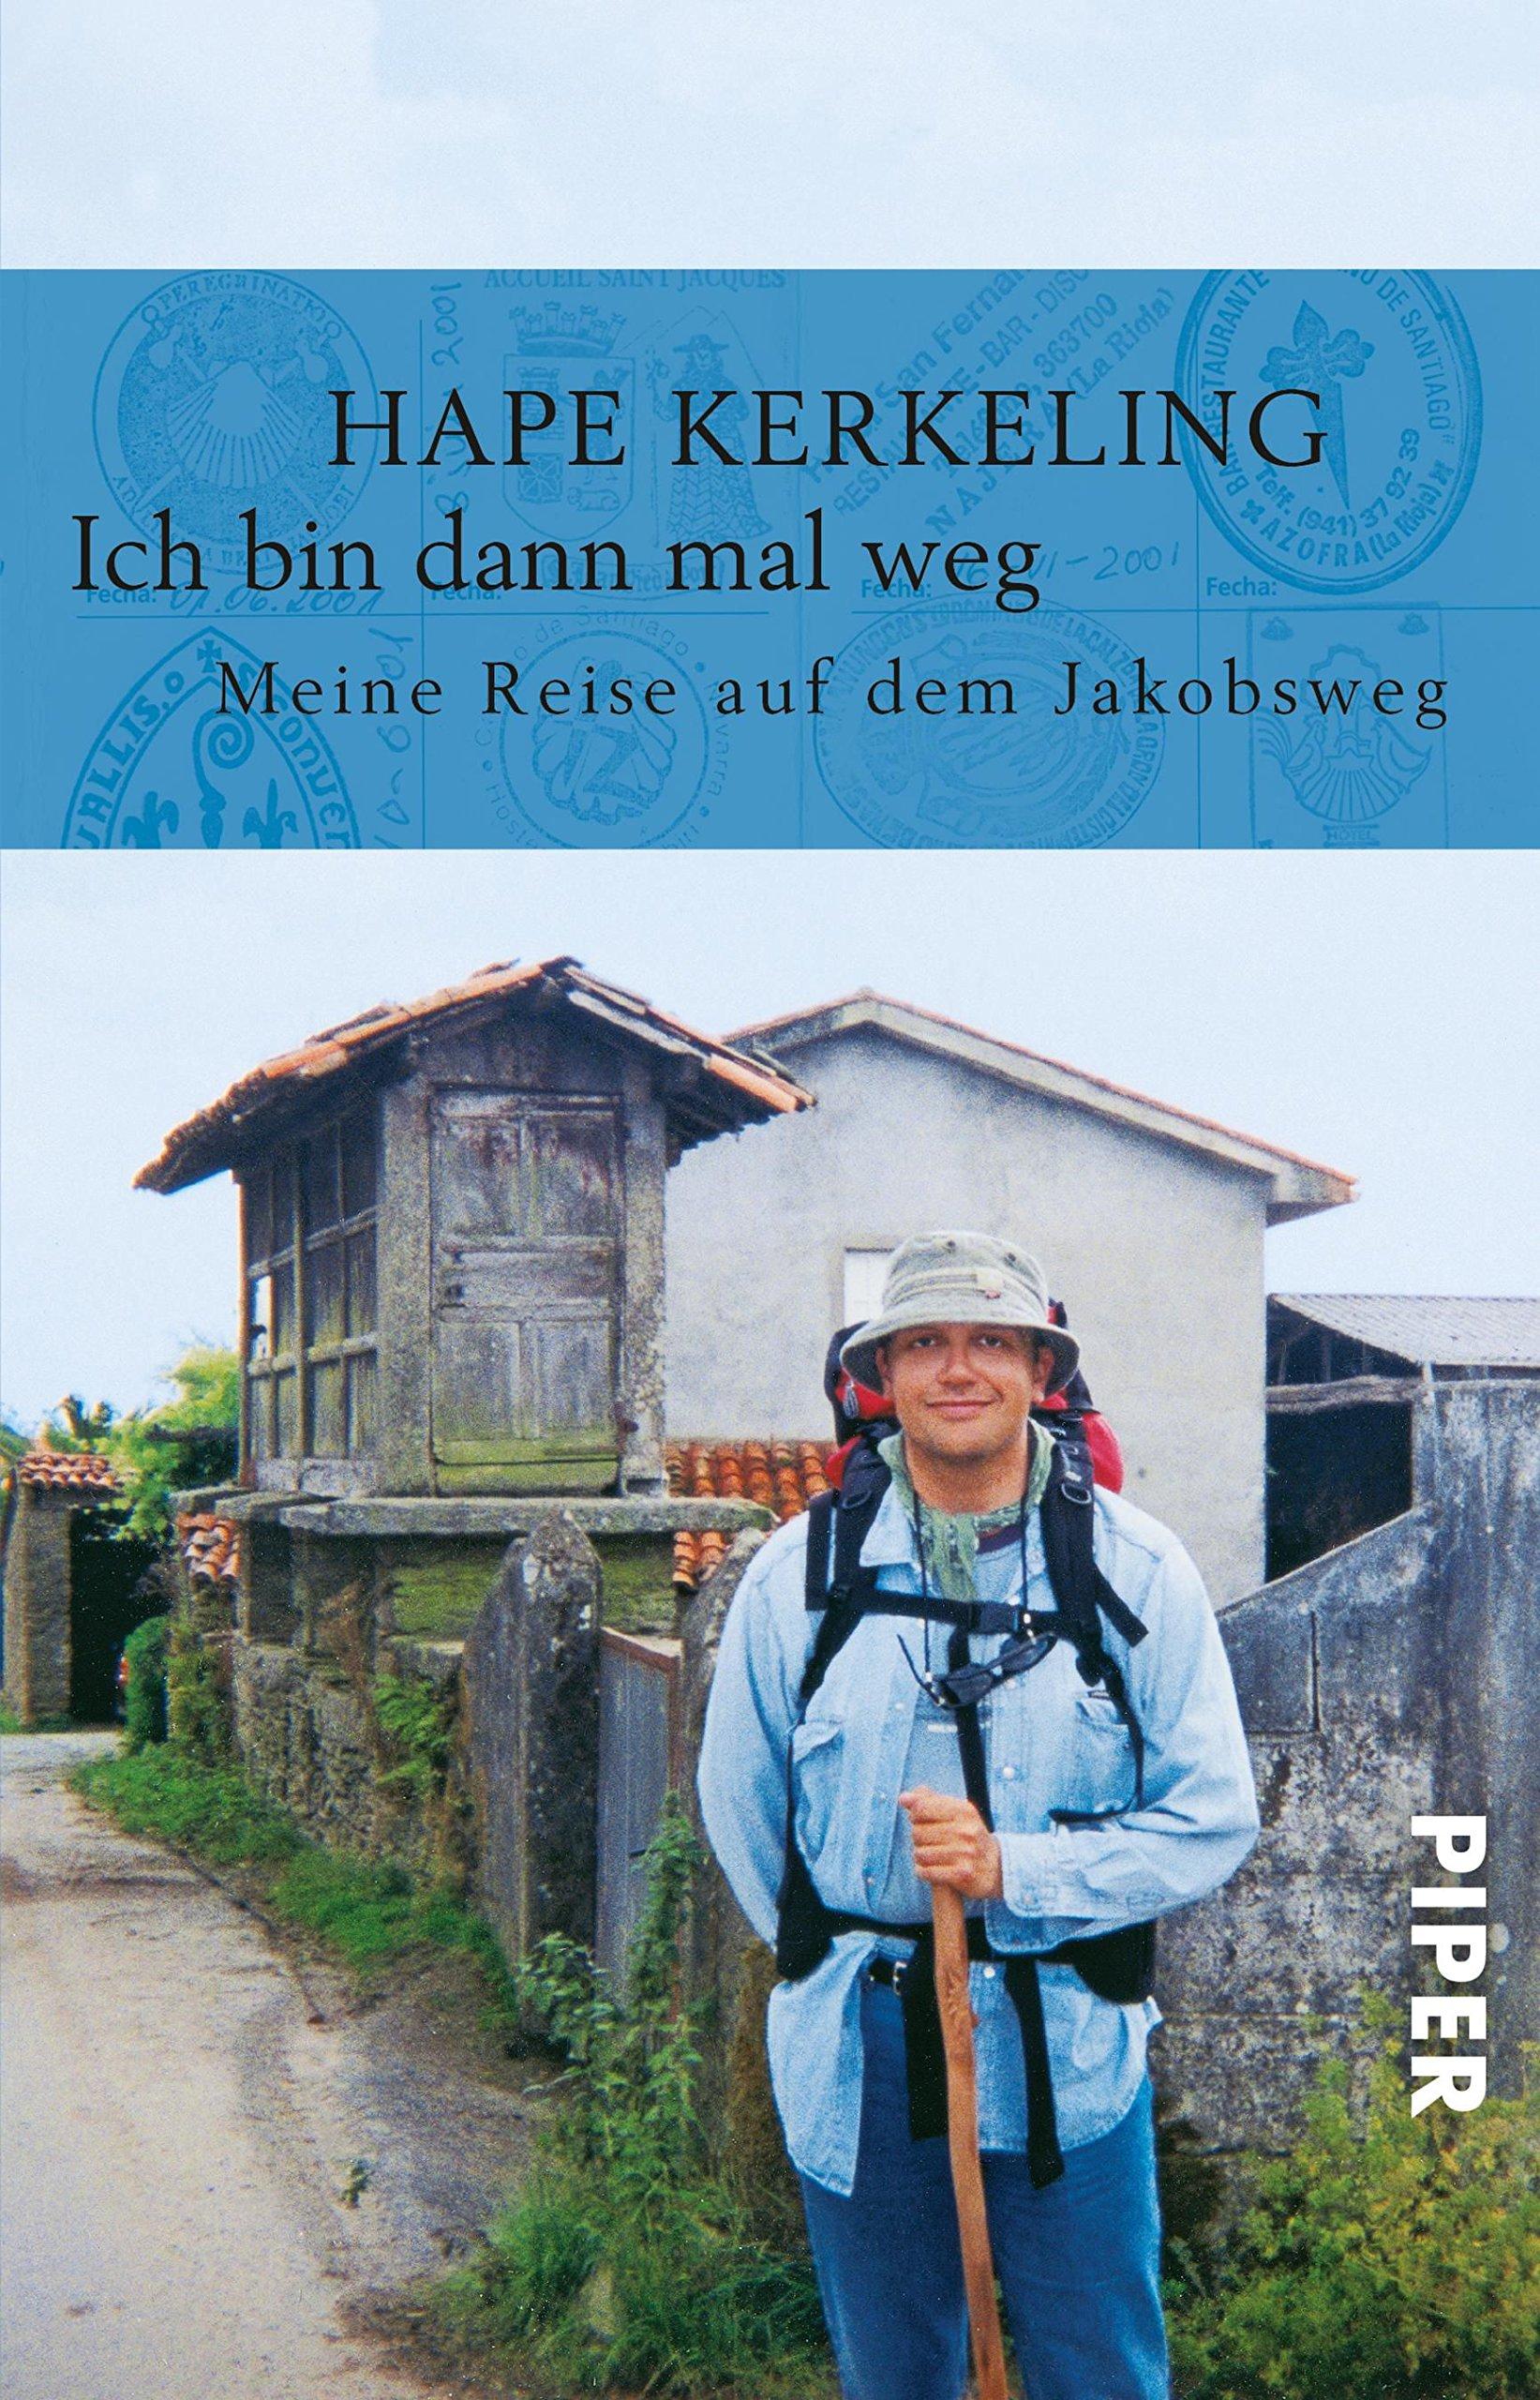 Ich bin dann mal weg: Meine Reise auf dem Jakobsweg Taschenbuch – 1. April 2009 Hape Kerkeling Piper Taschenbuch 3492251757 Reiseberichte / Europa